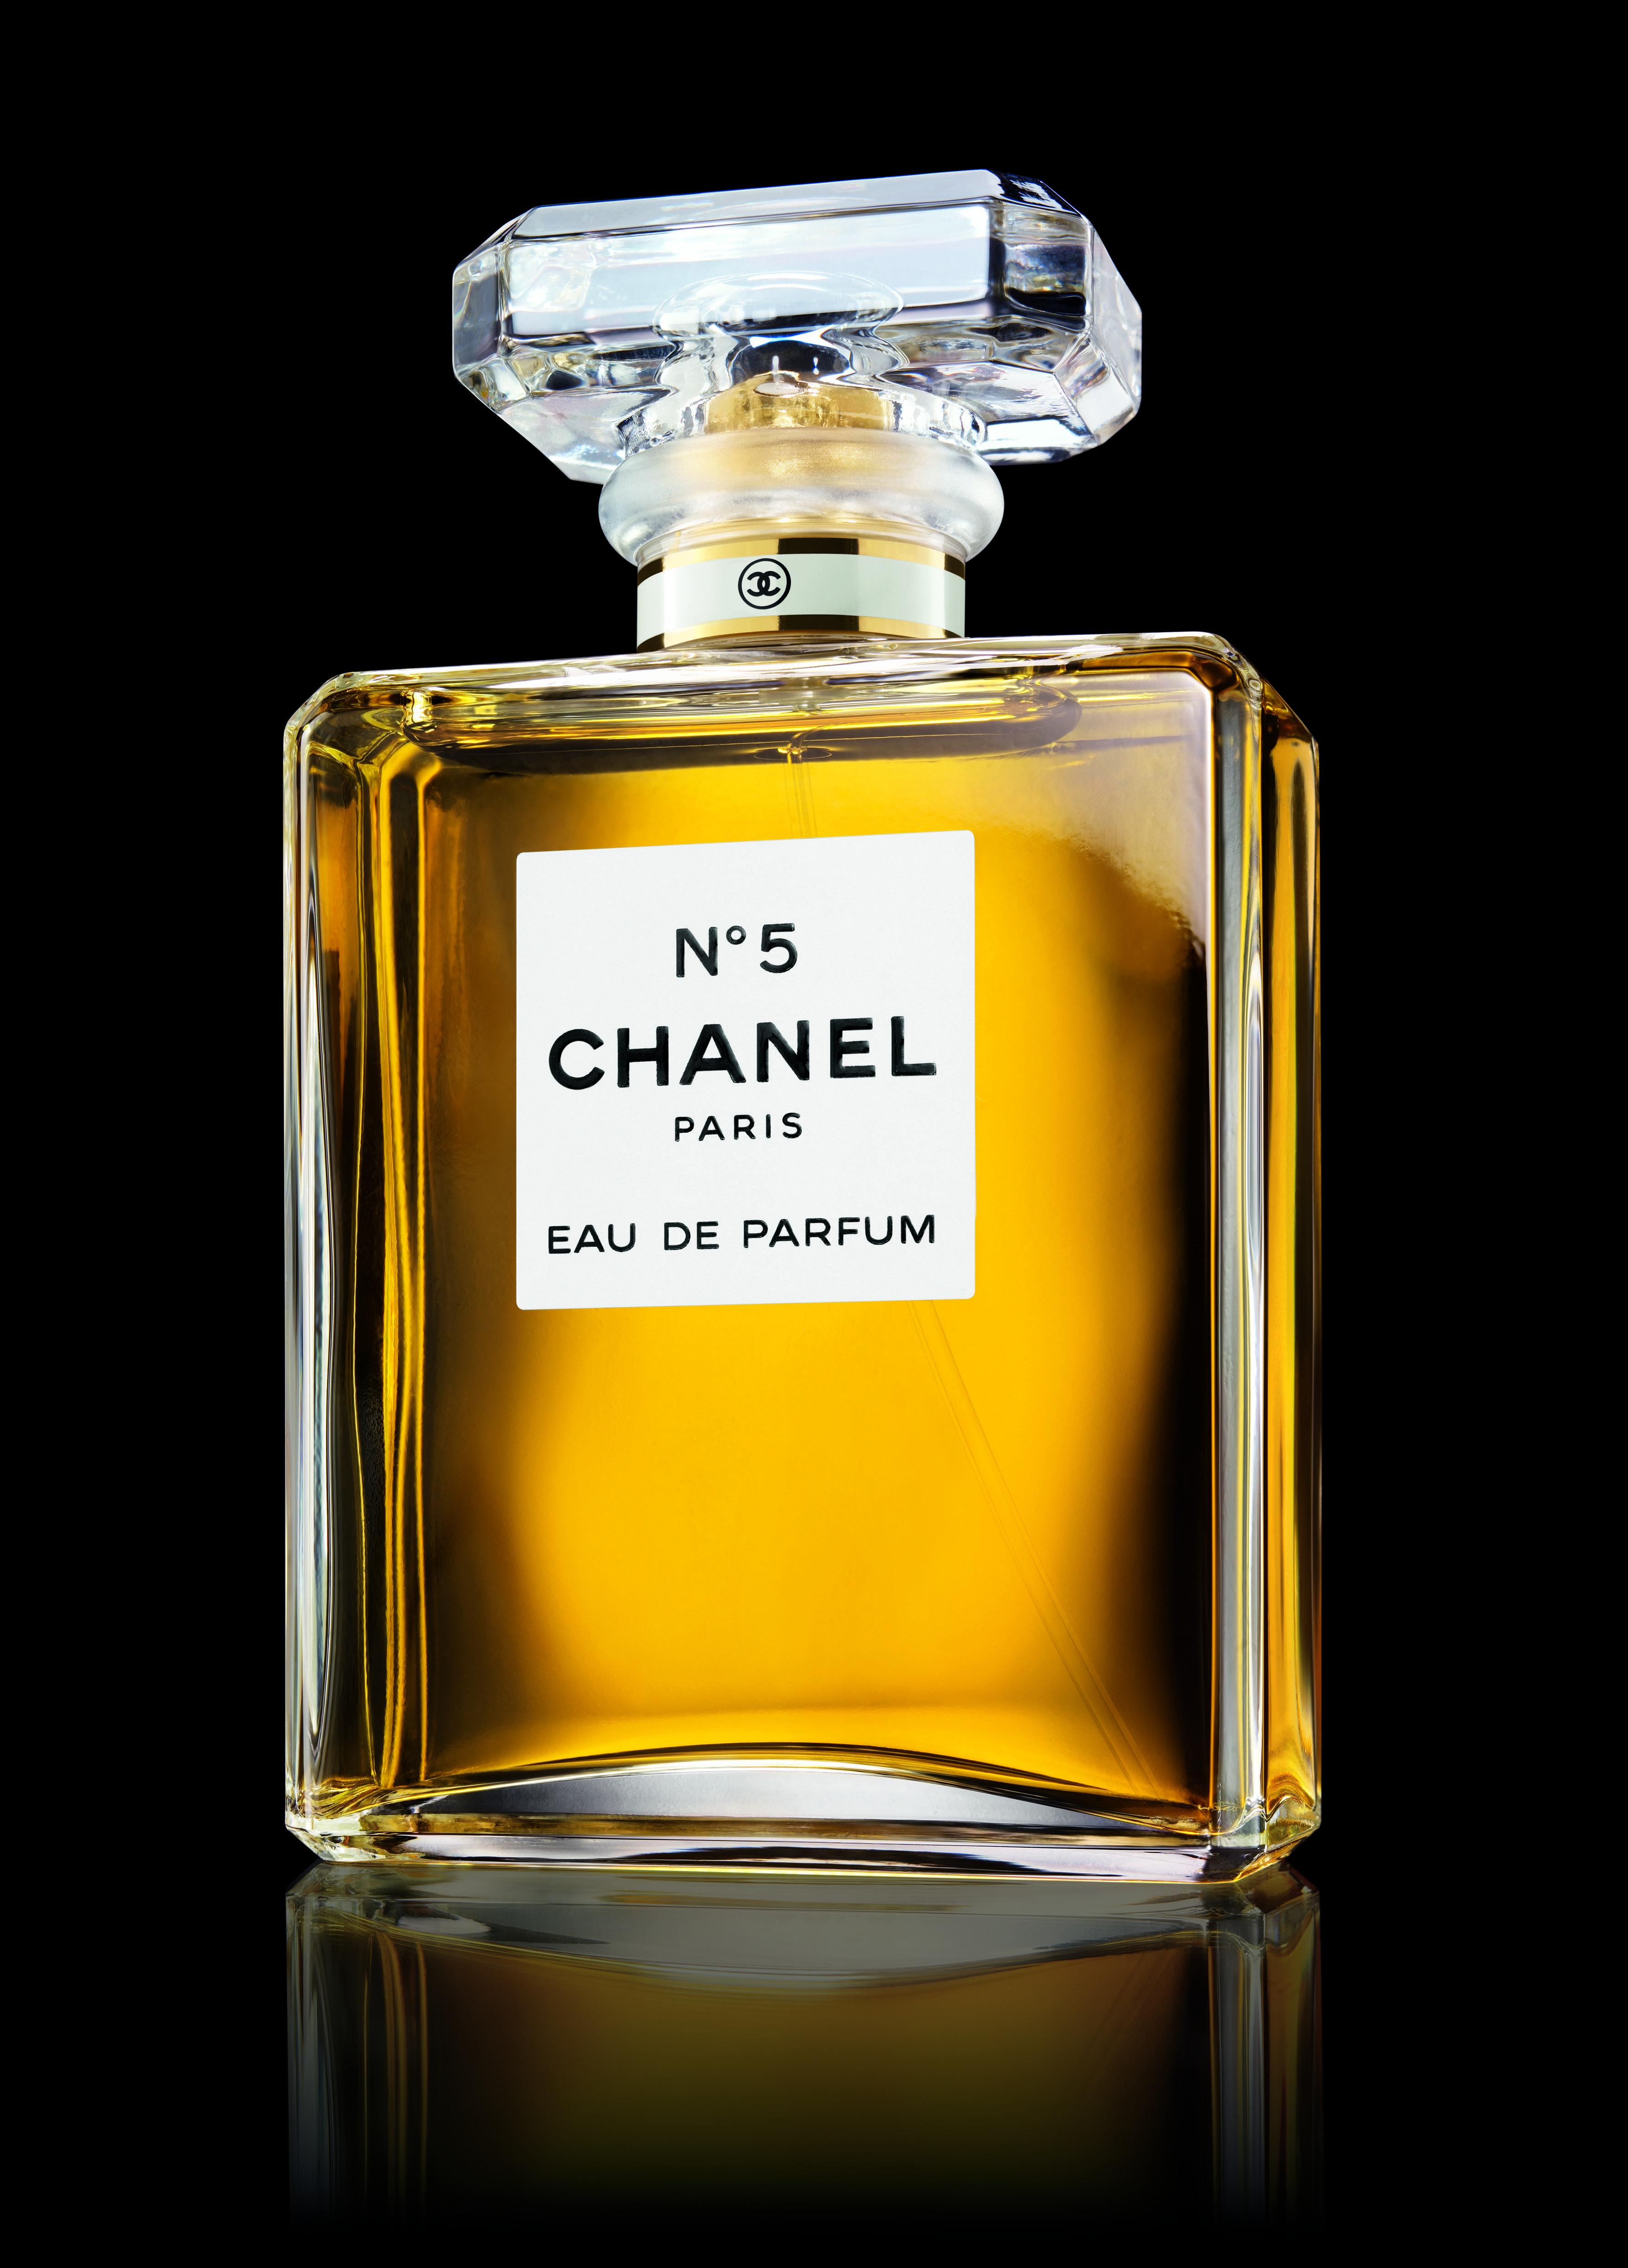 Chanel n 5 el perfume m s conocido y vendido en el mundo coron a la casa de modas chanel y a - Perfumes en casa ...